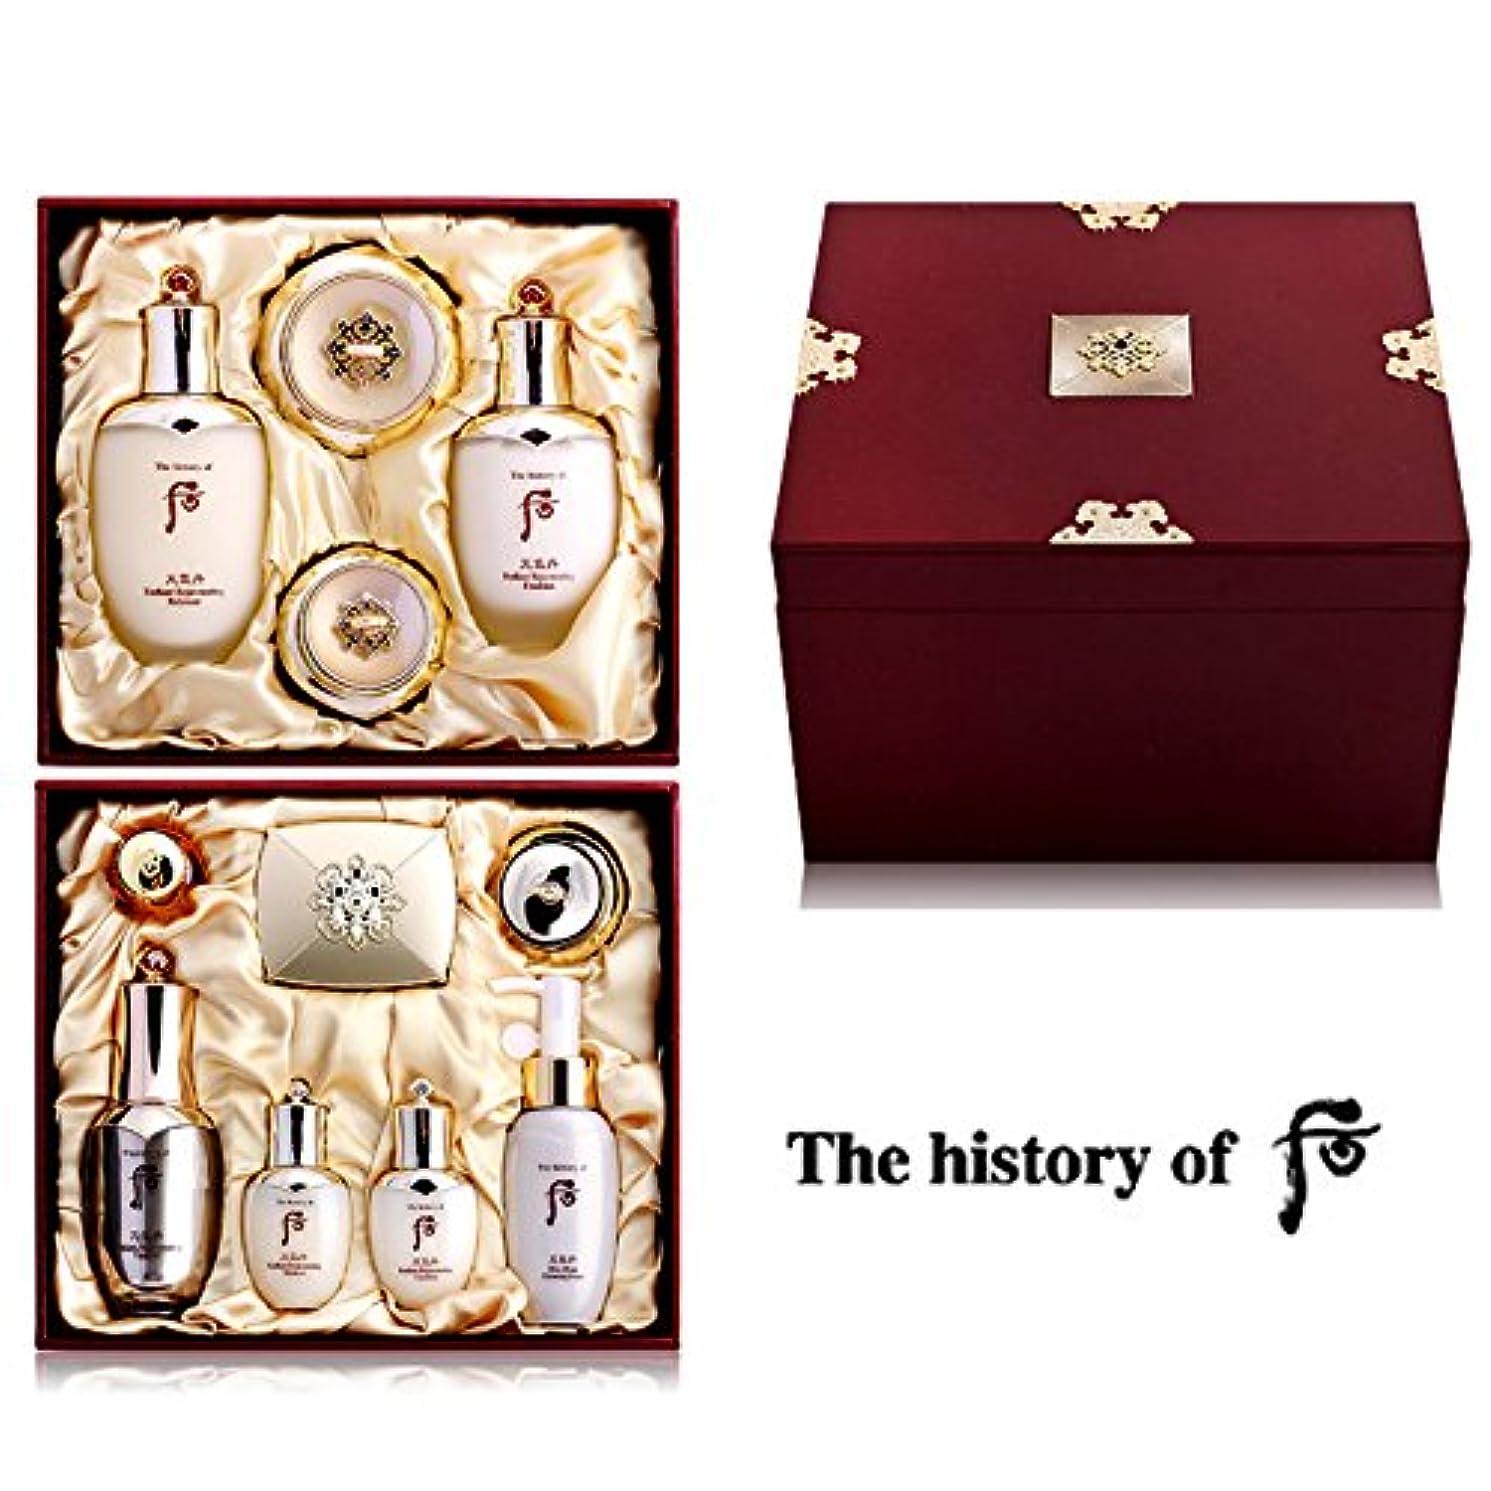 トラクターシャンプーすなわち【フー/The history of whoo] 天気丹 王侯(チョンギダン ワンフ) セット/Chonghi Dan Queen Special Set+[Sample Gift](海外直送品)